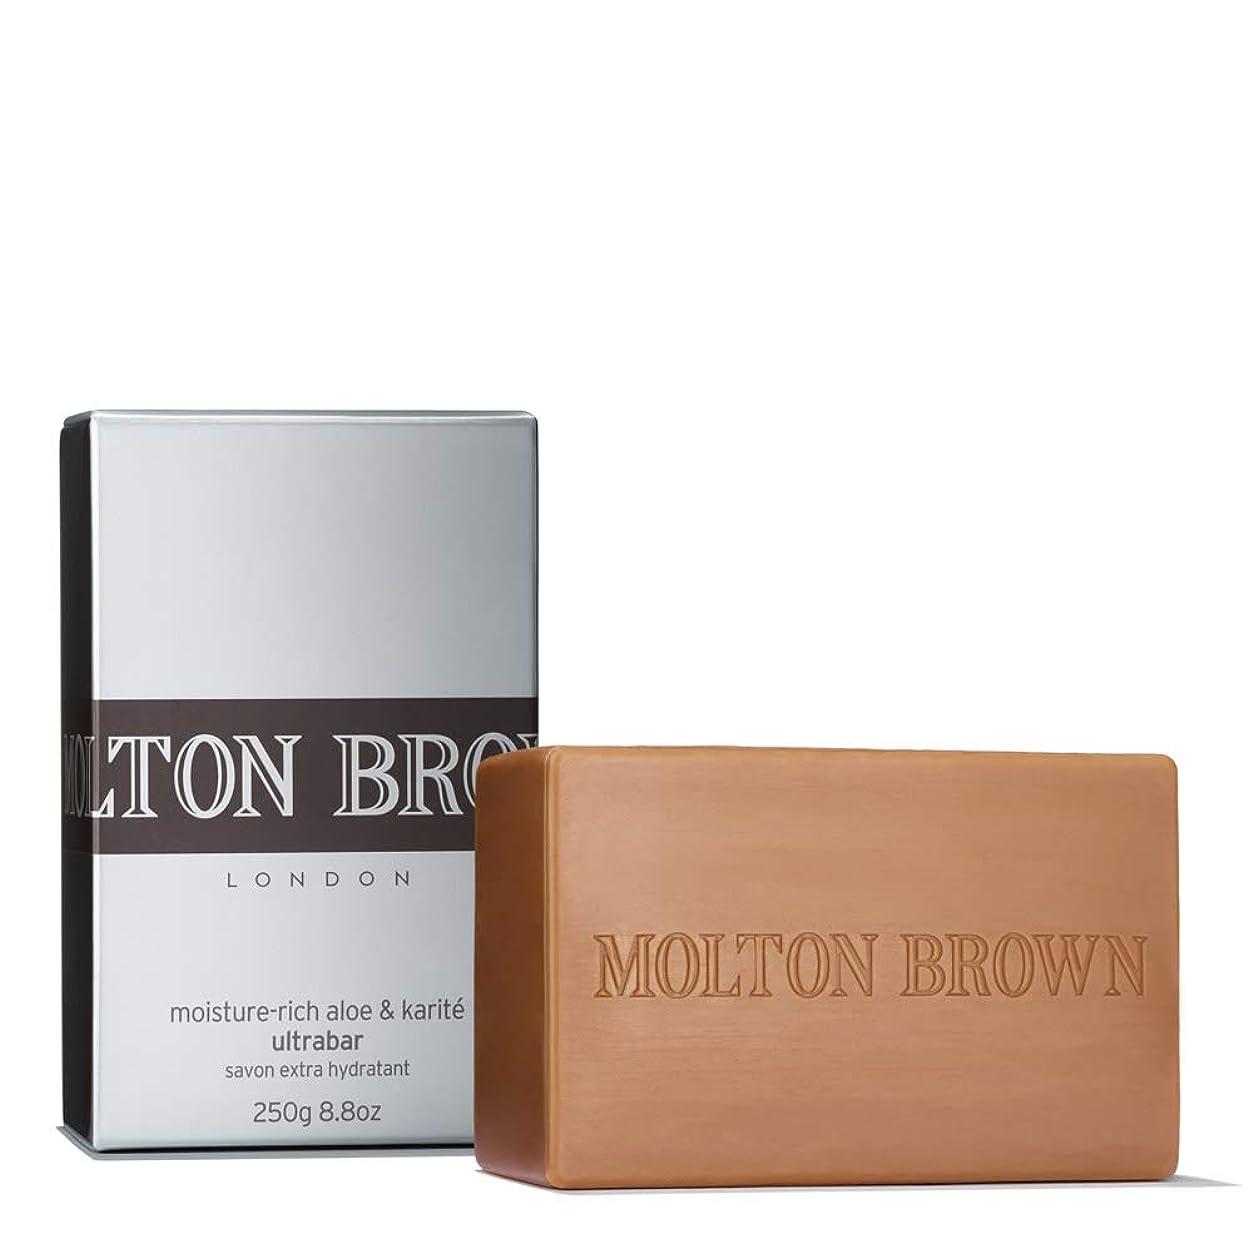 粘り強い販売計画接続されたMOLTON BROWN(モルトンブラウン) モイスチャーリッチ アロエ&カリテ ウルトラバー